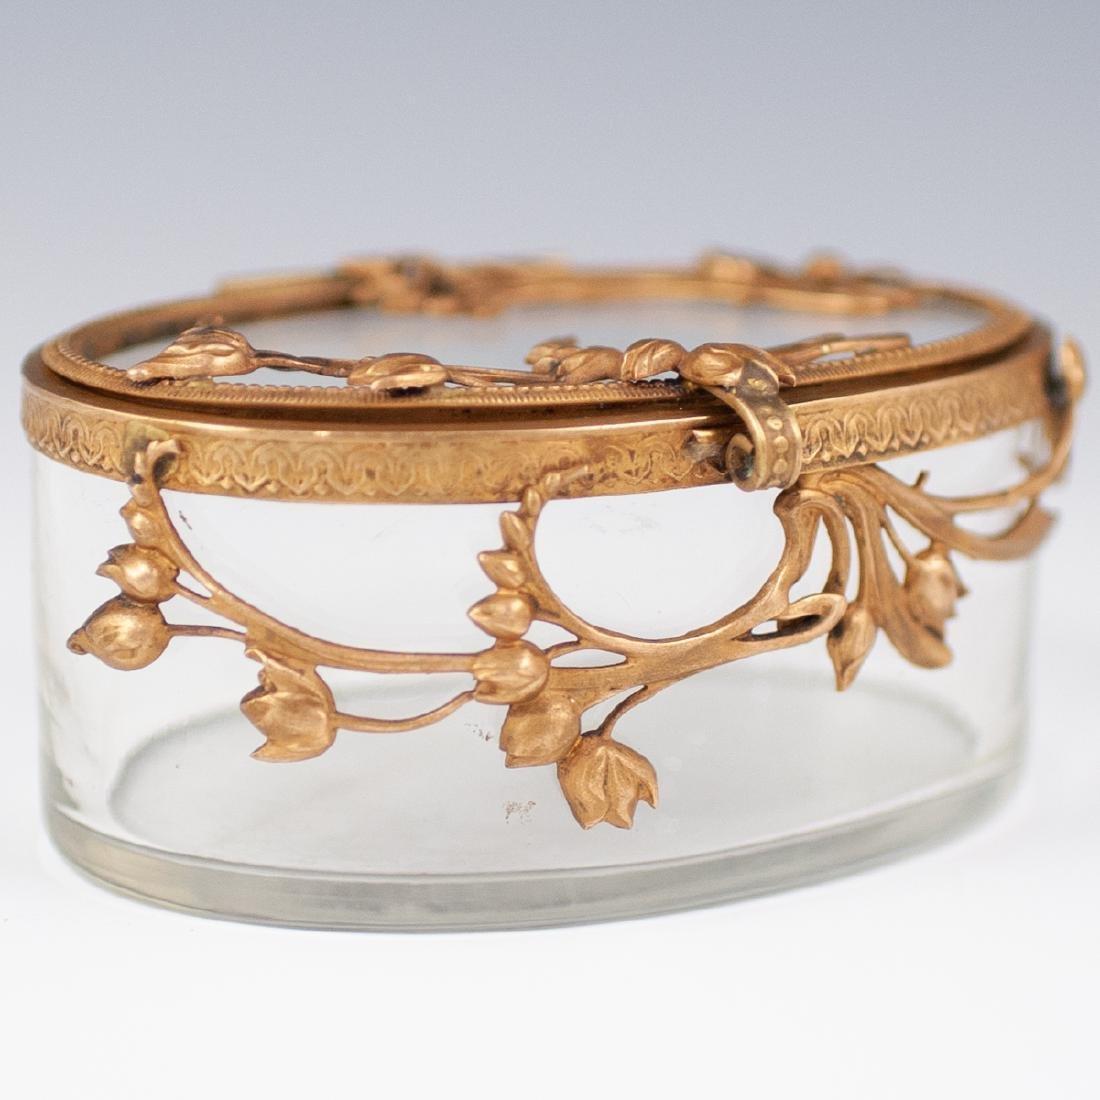 Brass & Glass Trinket box